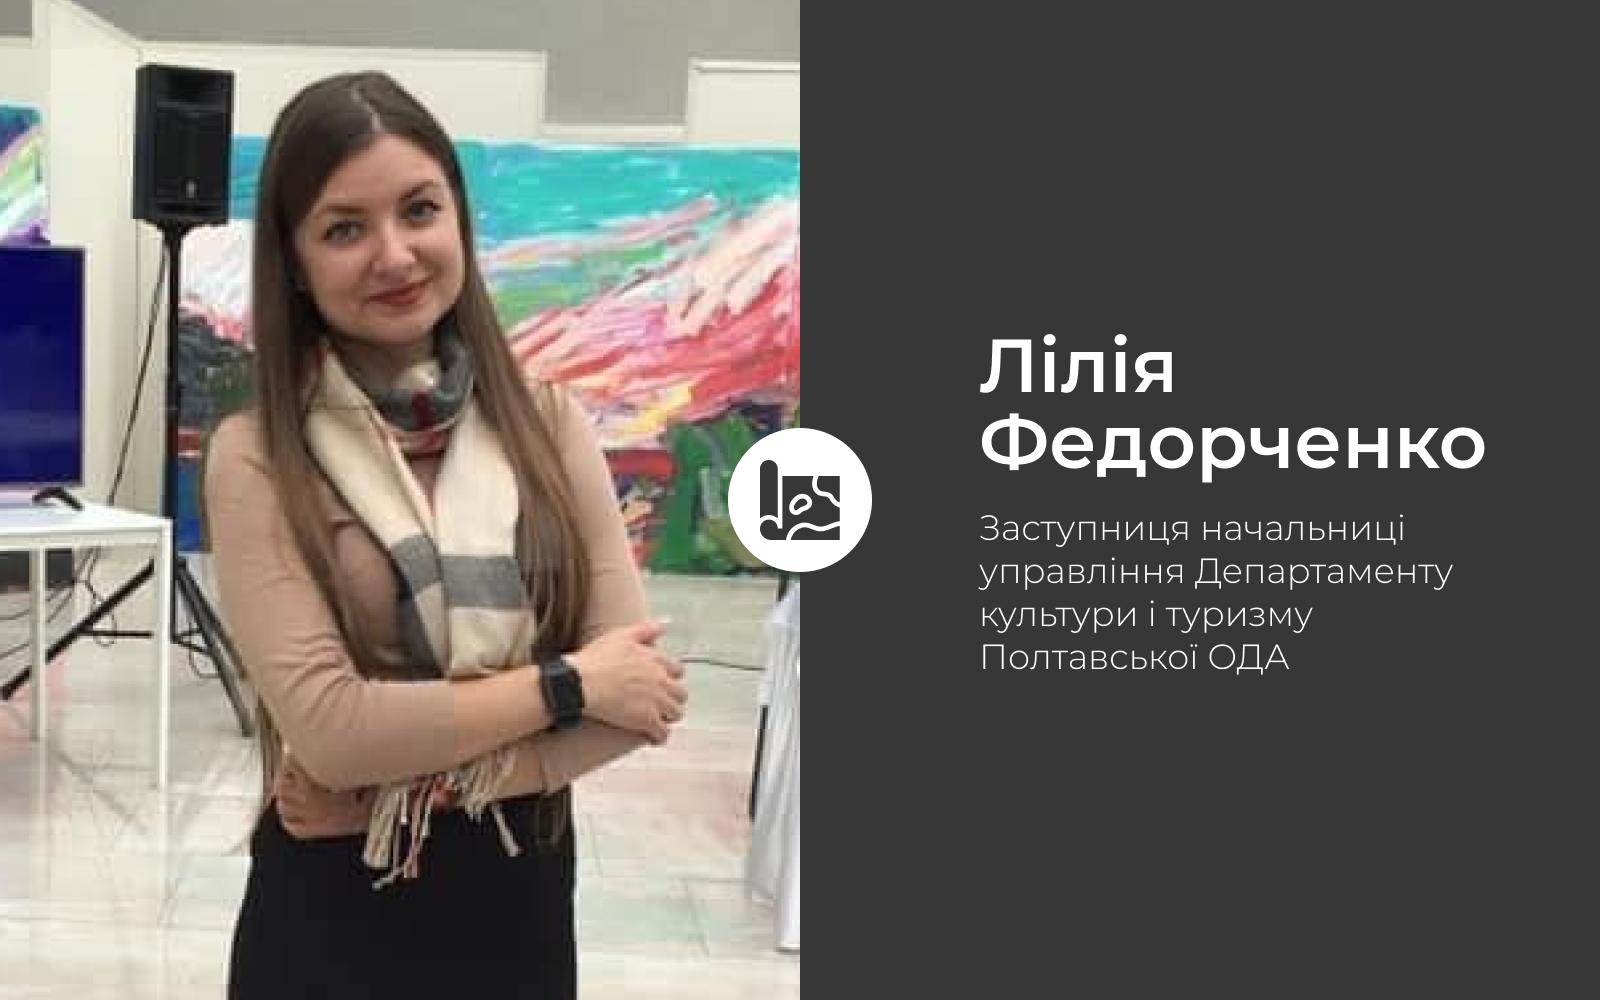 Lilia Fedorchenko 3 (1)